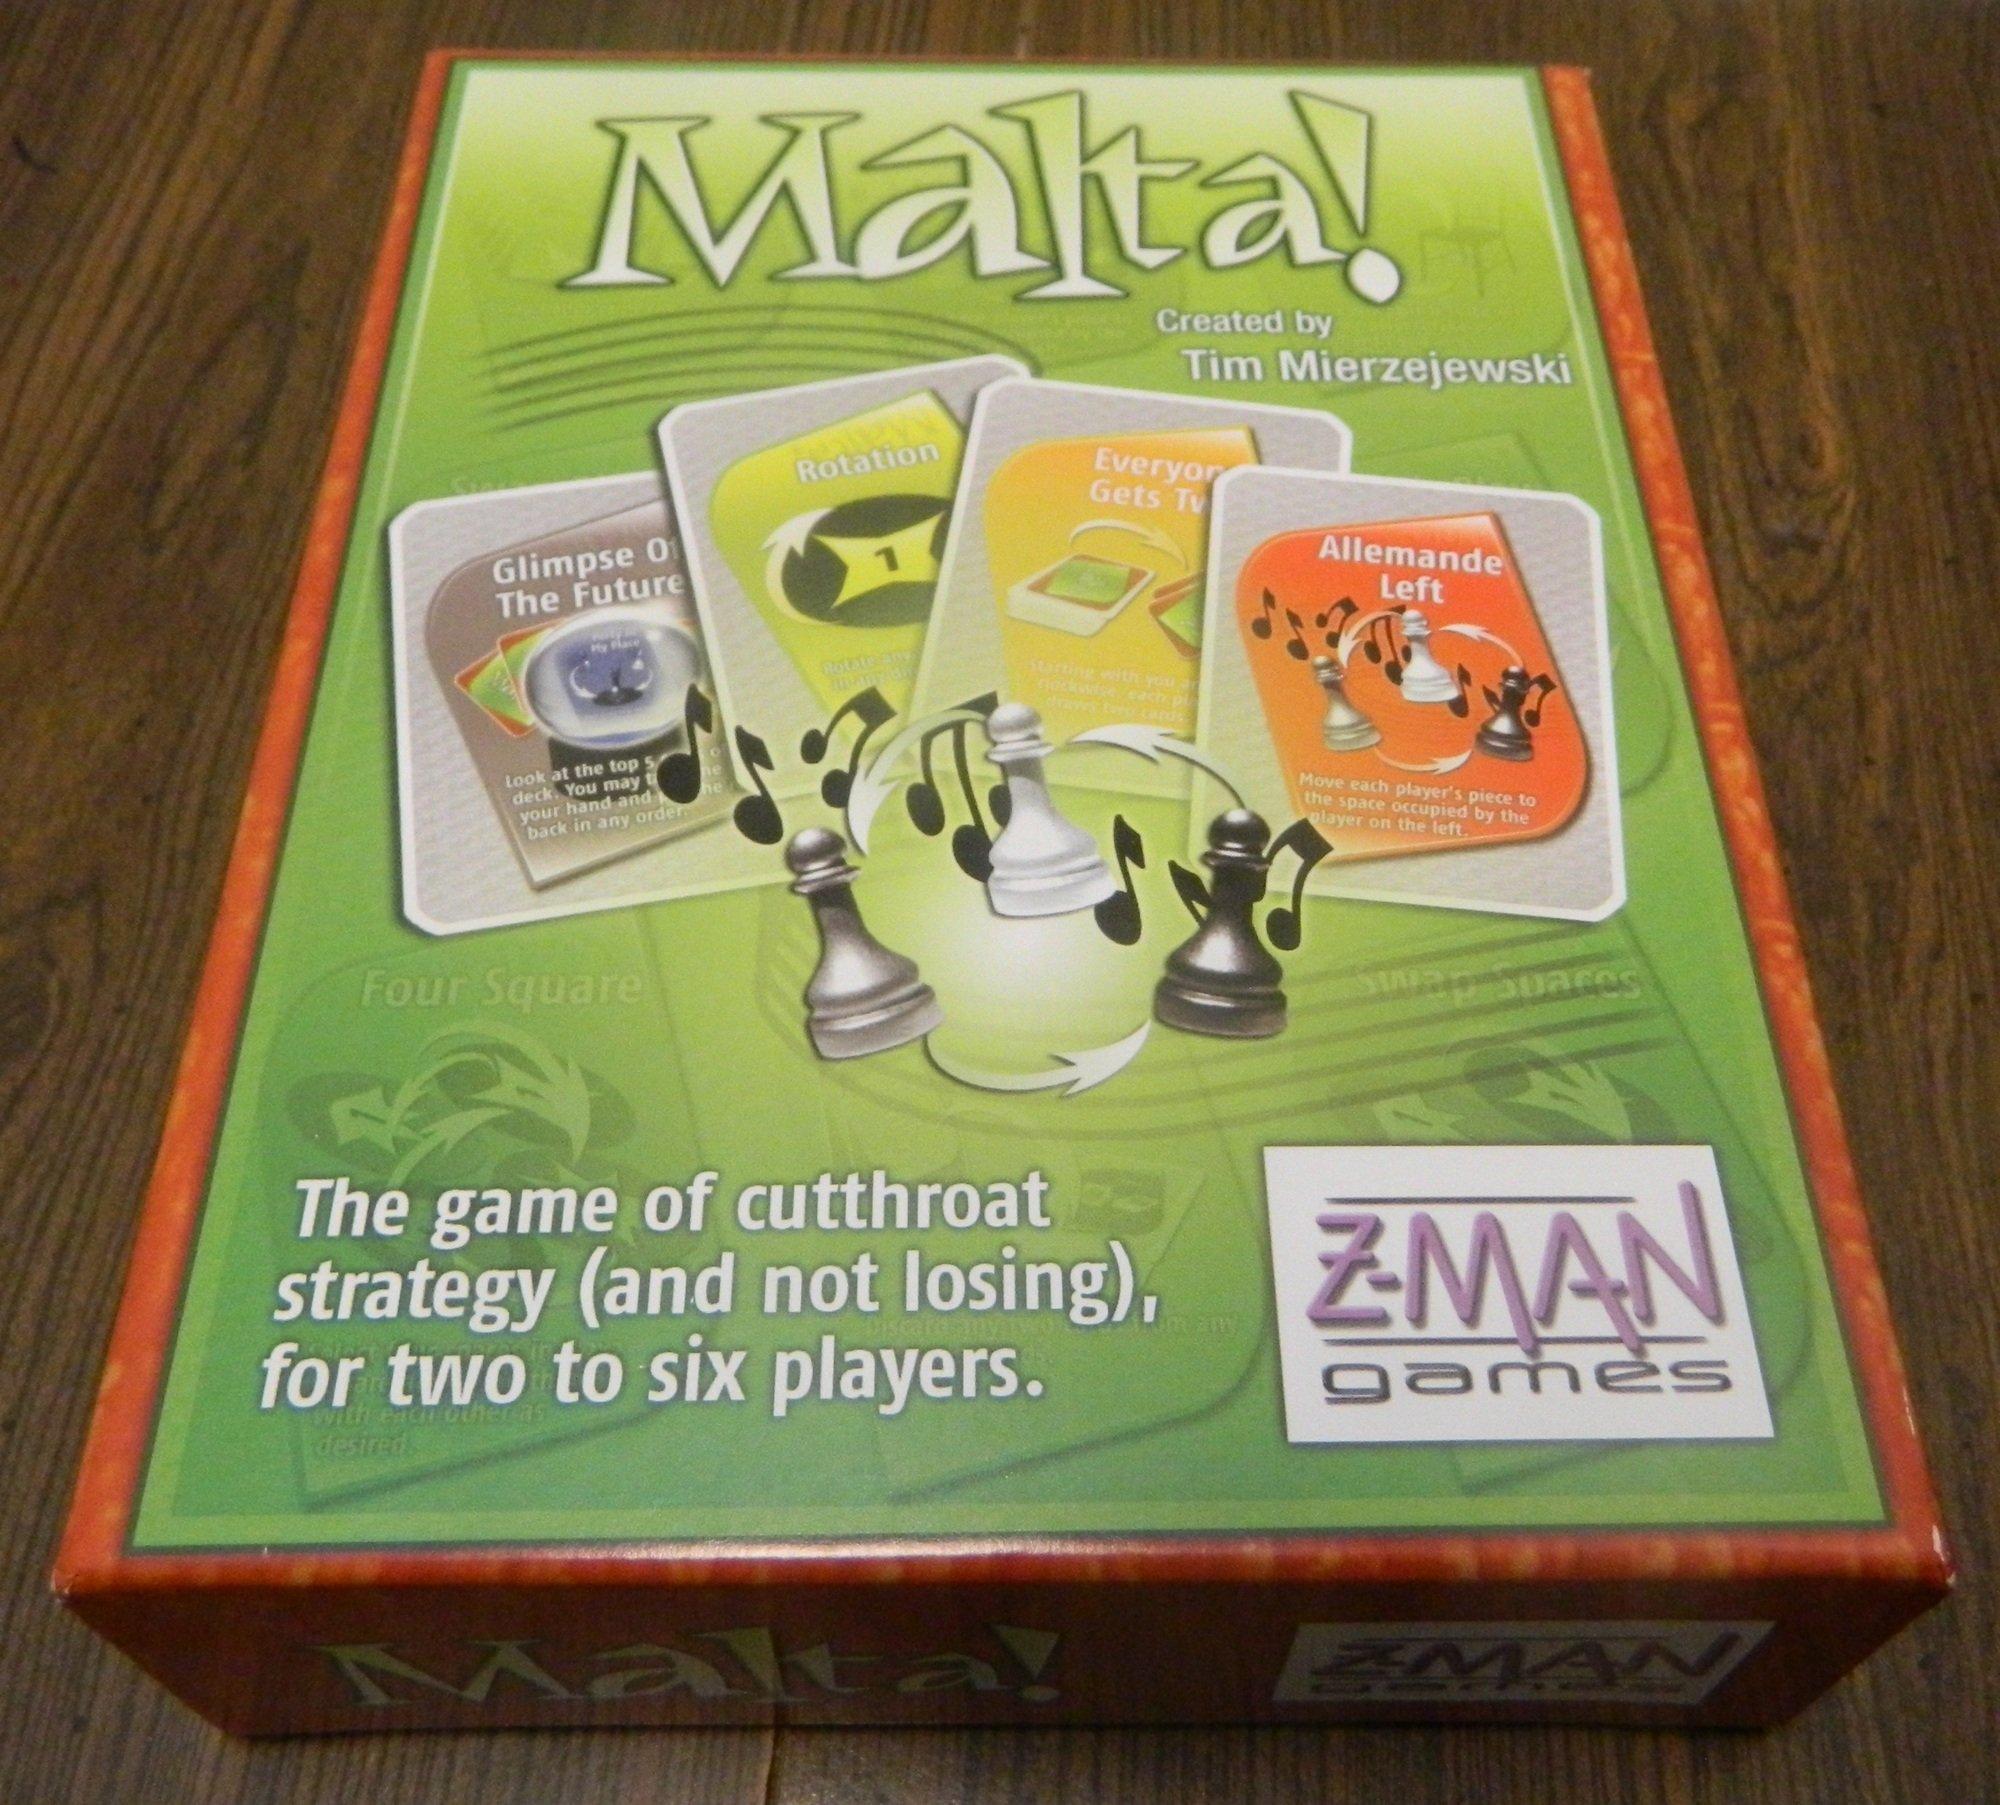 Malta Box